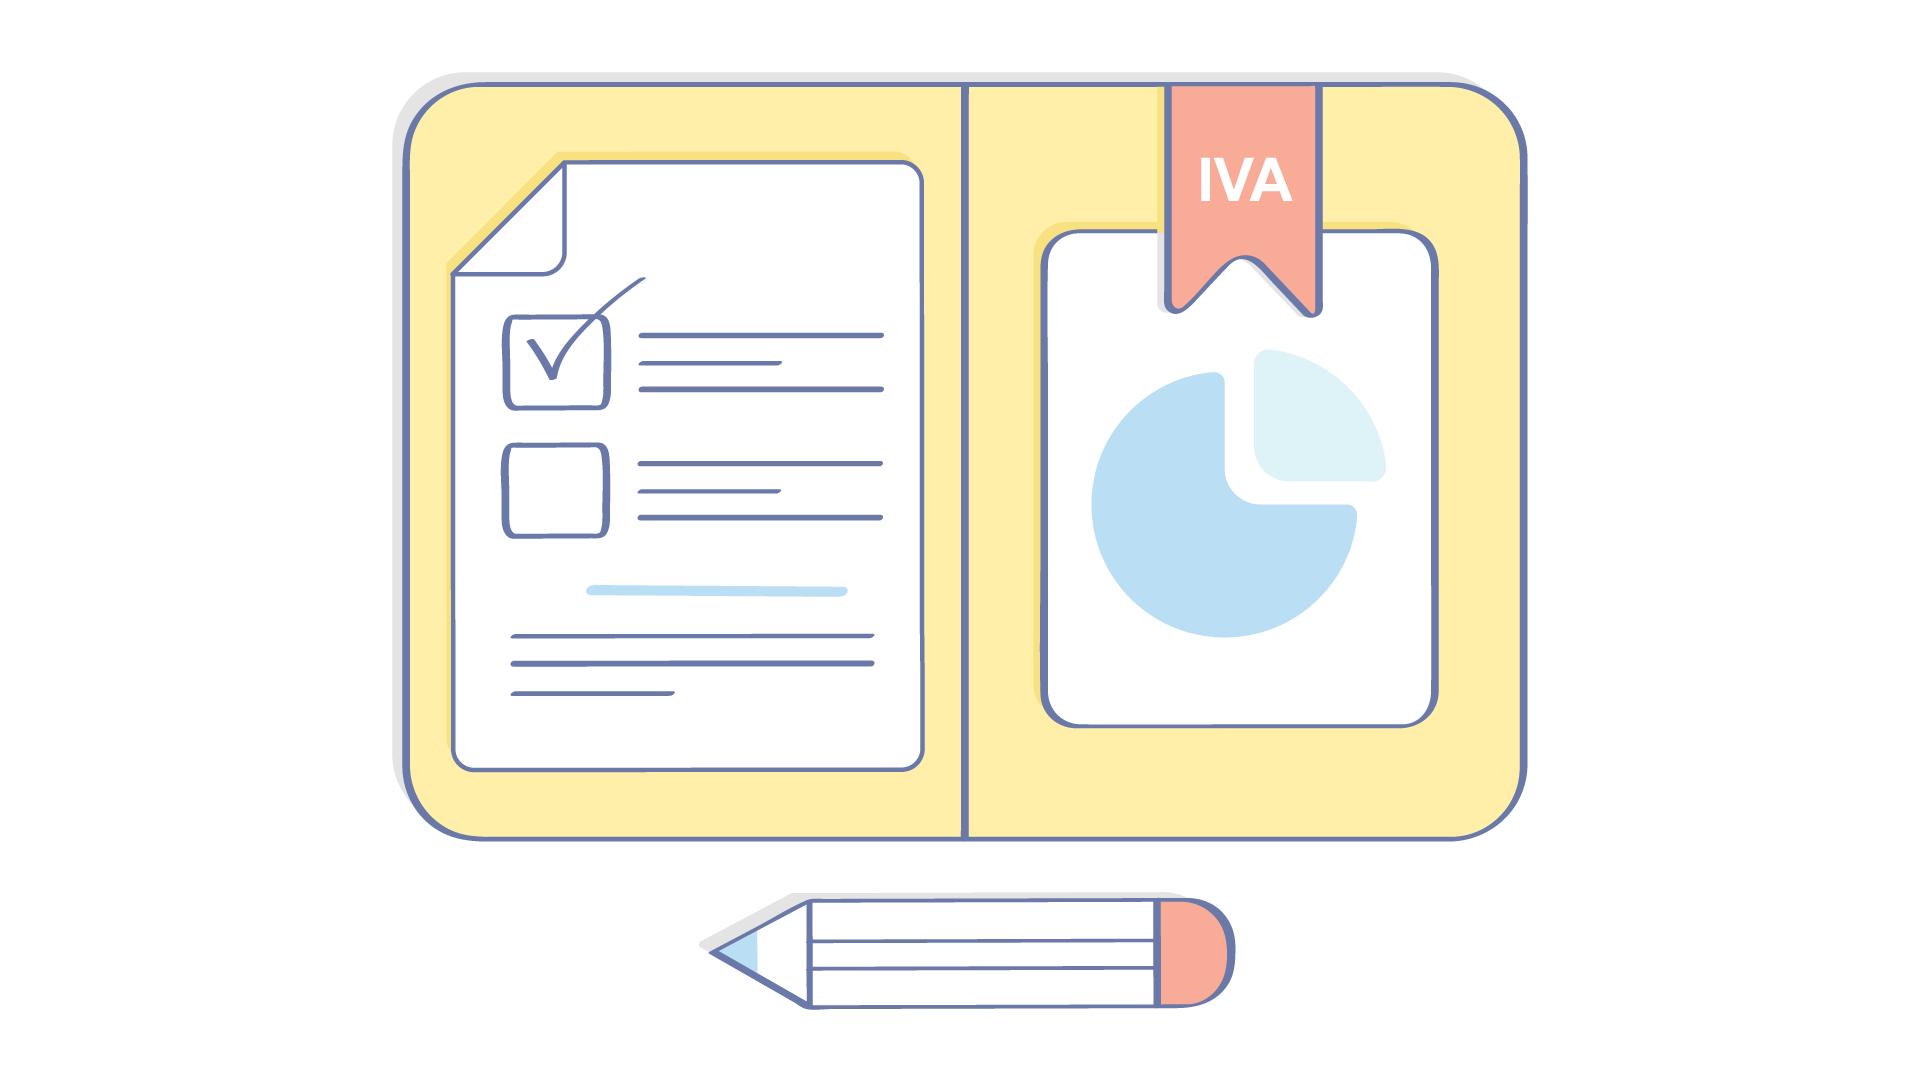 ¿Cuáles son las obligaciones del sujeto pasivo del IVA?